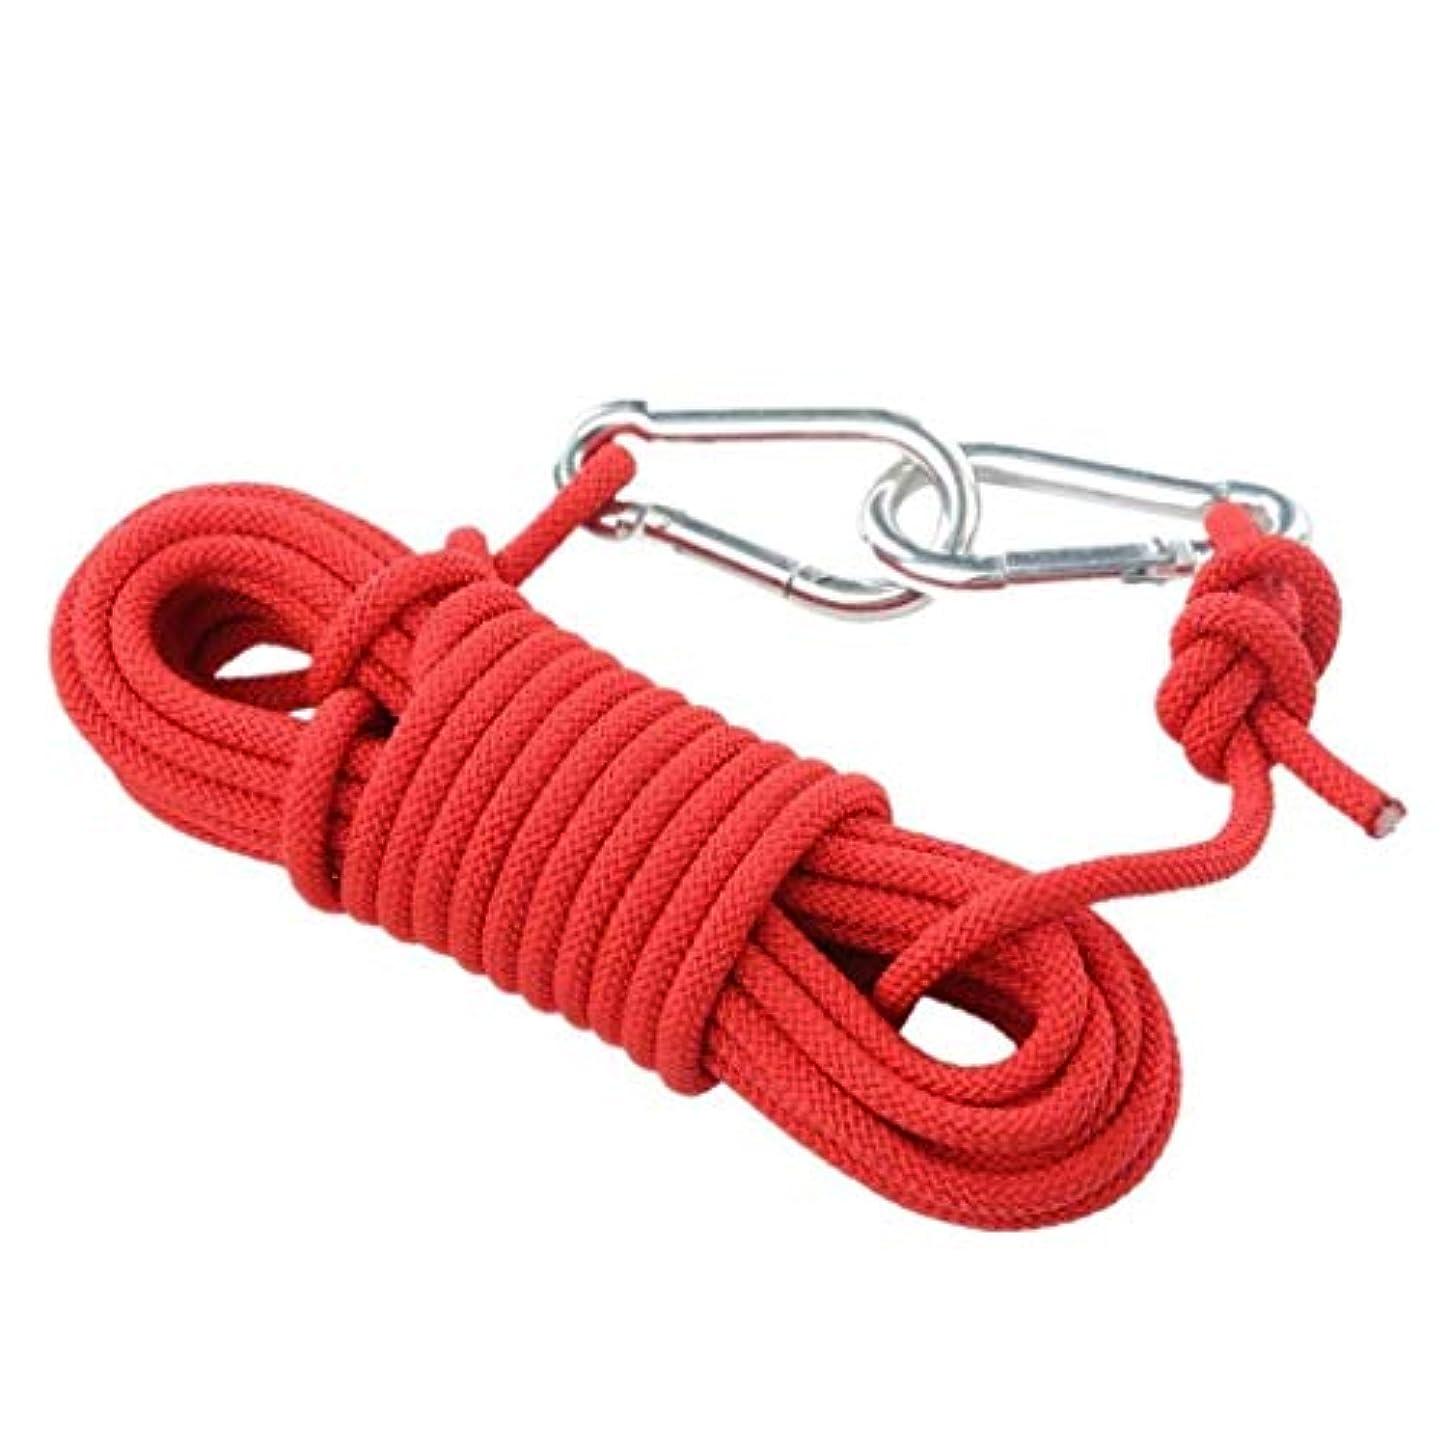 病弱急降下単に登山ロープの家の火の緊急脱出ロープ、ハイキングの洞窟探検のキャンプの救助調査および工学保護のための多機能のコードの安全ロープ。 (Color : 赤, Size : 15m)